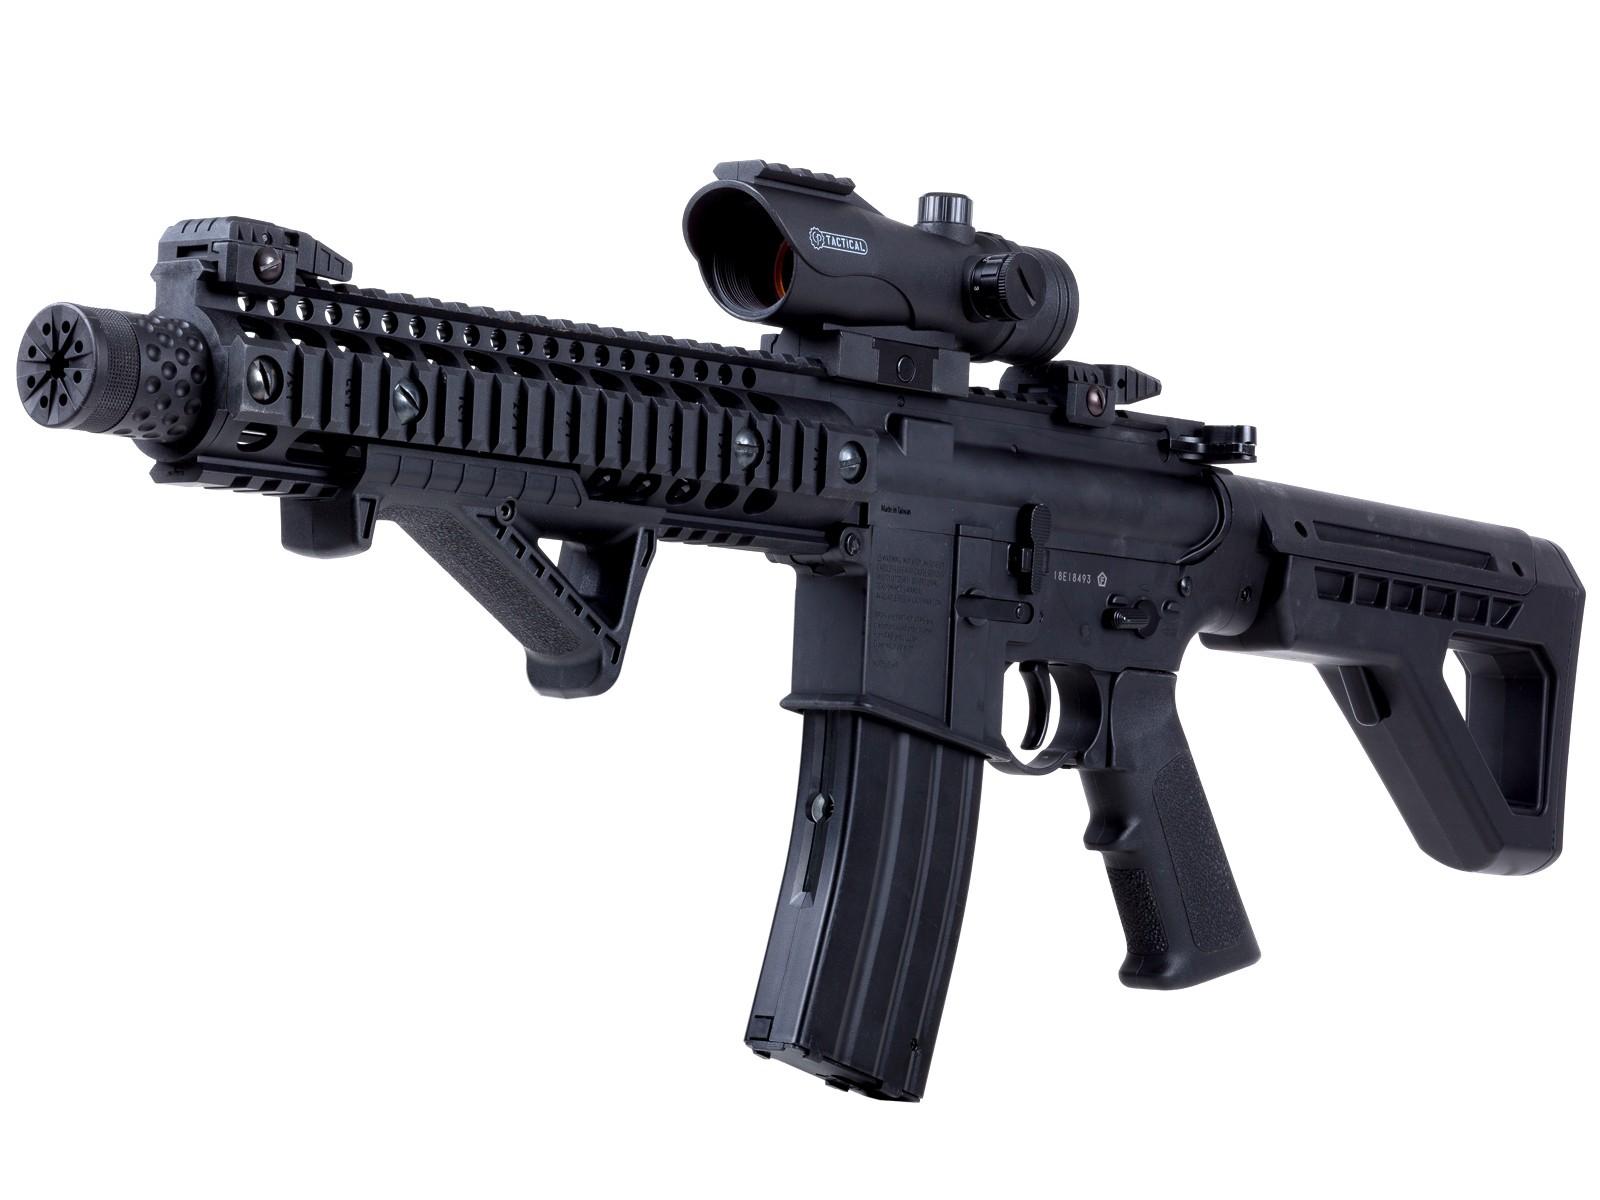 Crosman DPMS SBR Full-Auto BB Air Rifle Kit, w Red Dot Sight 0.177